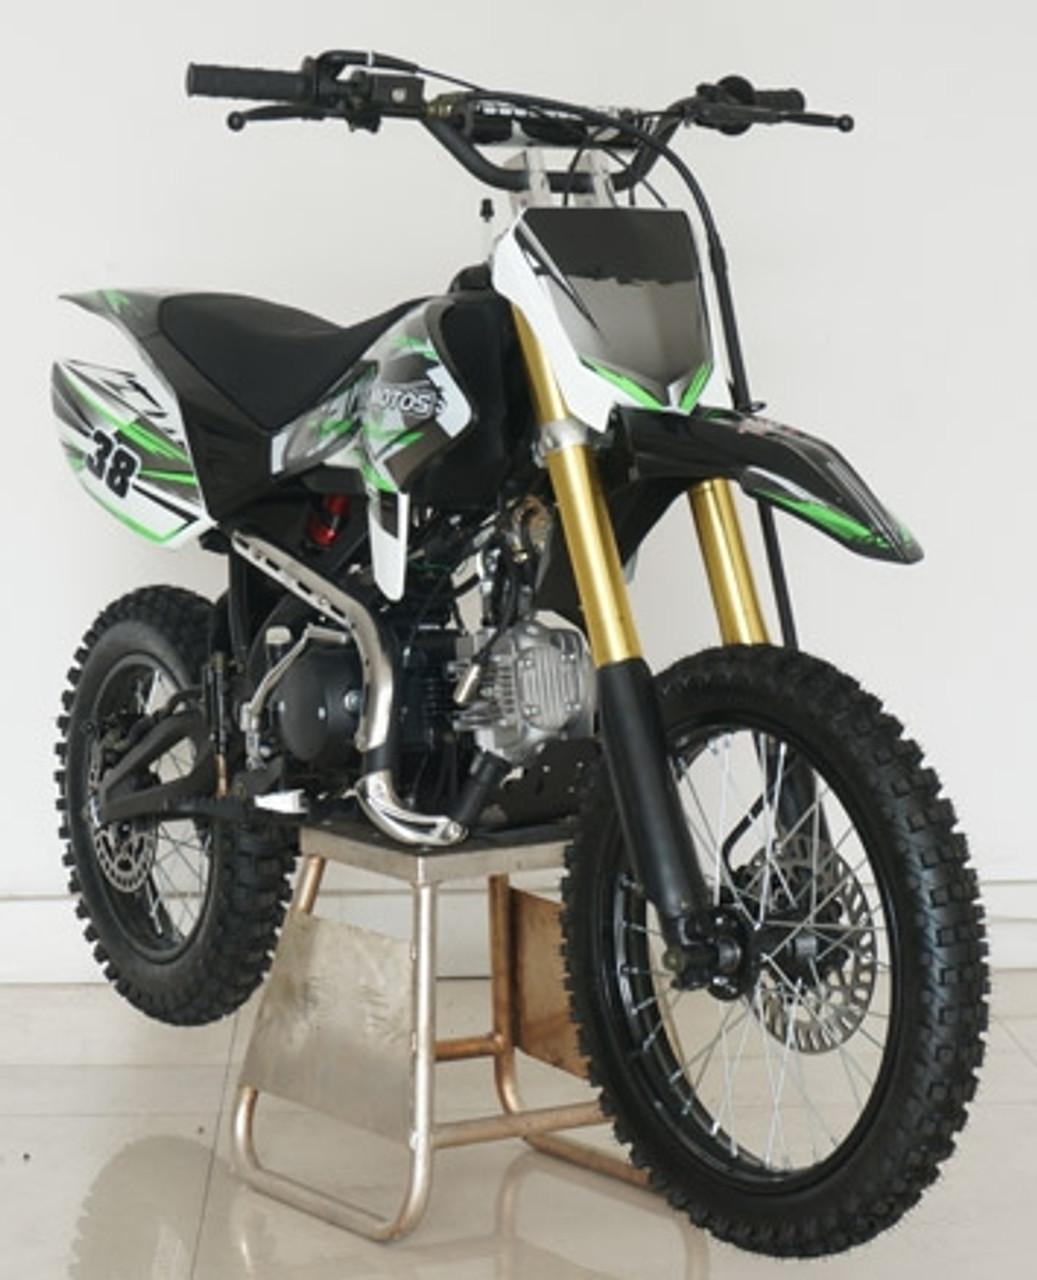 Xmoto 250cc Dirt Bike : xmoto, 250cc, XMOTO, DELUXE, 360powersports.com